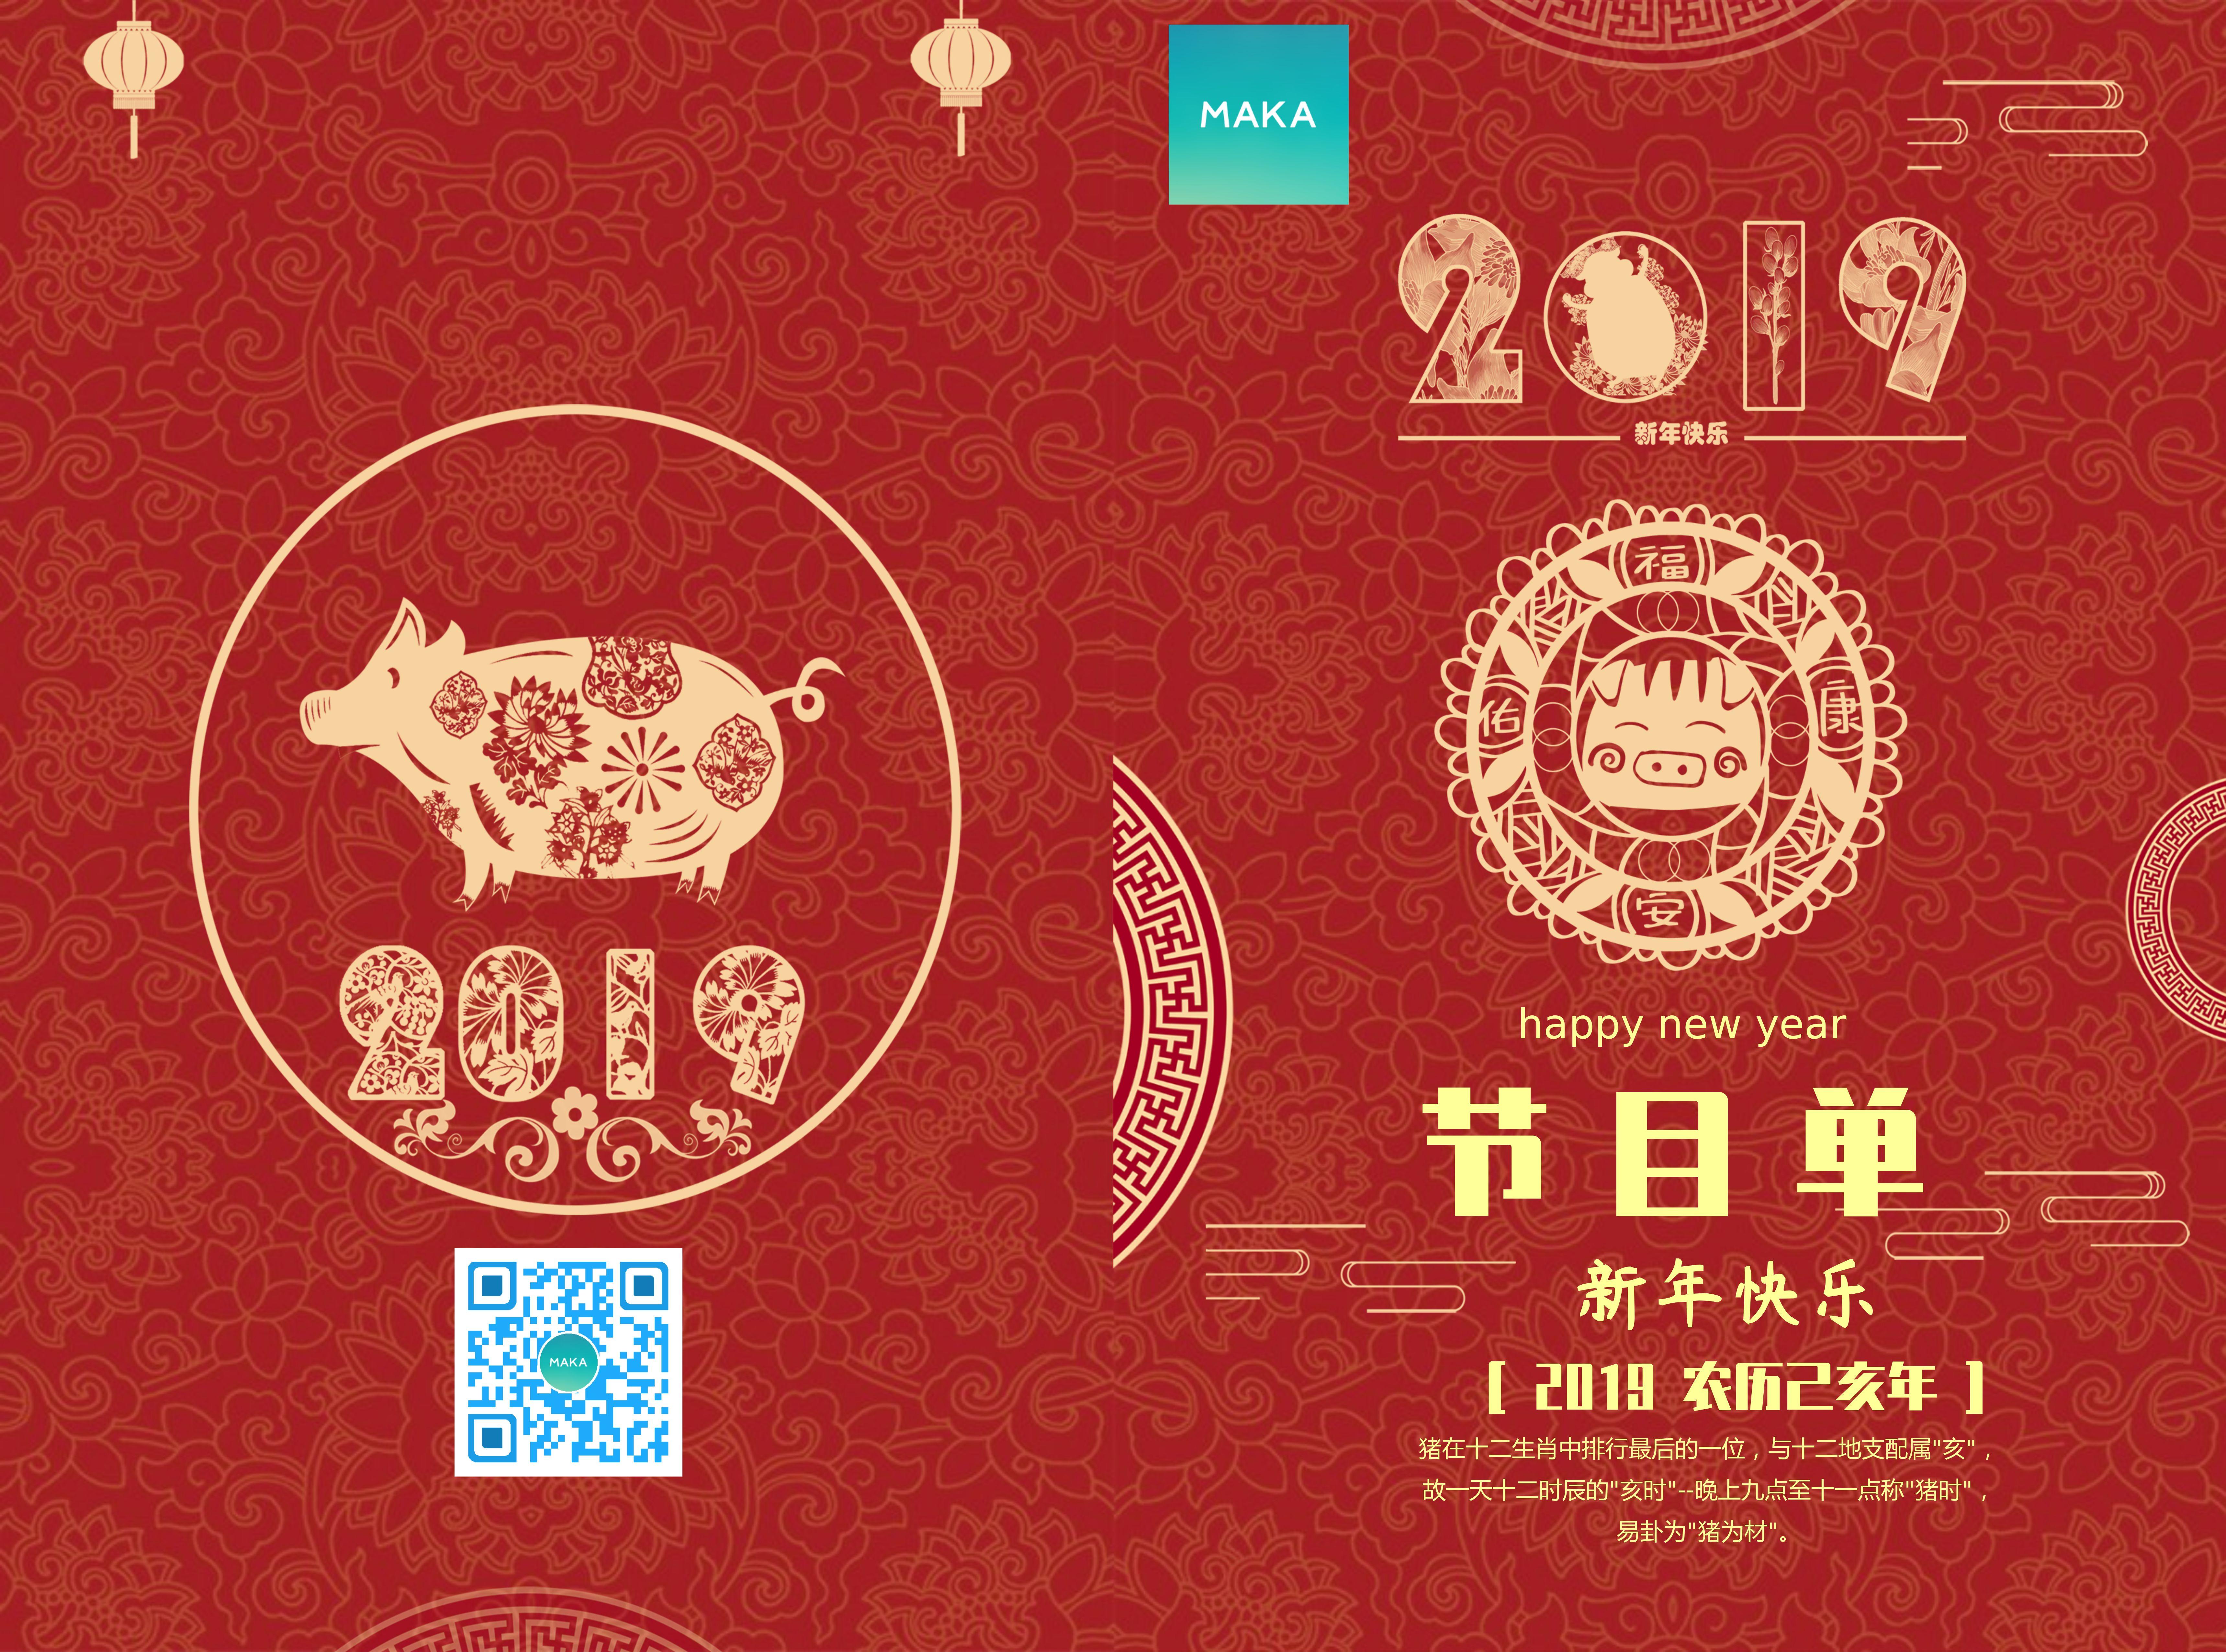 中国风简约设计风格红色喜庆办公印刷2019节目单使用的办公印刷二折页模版